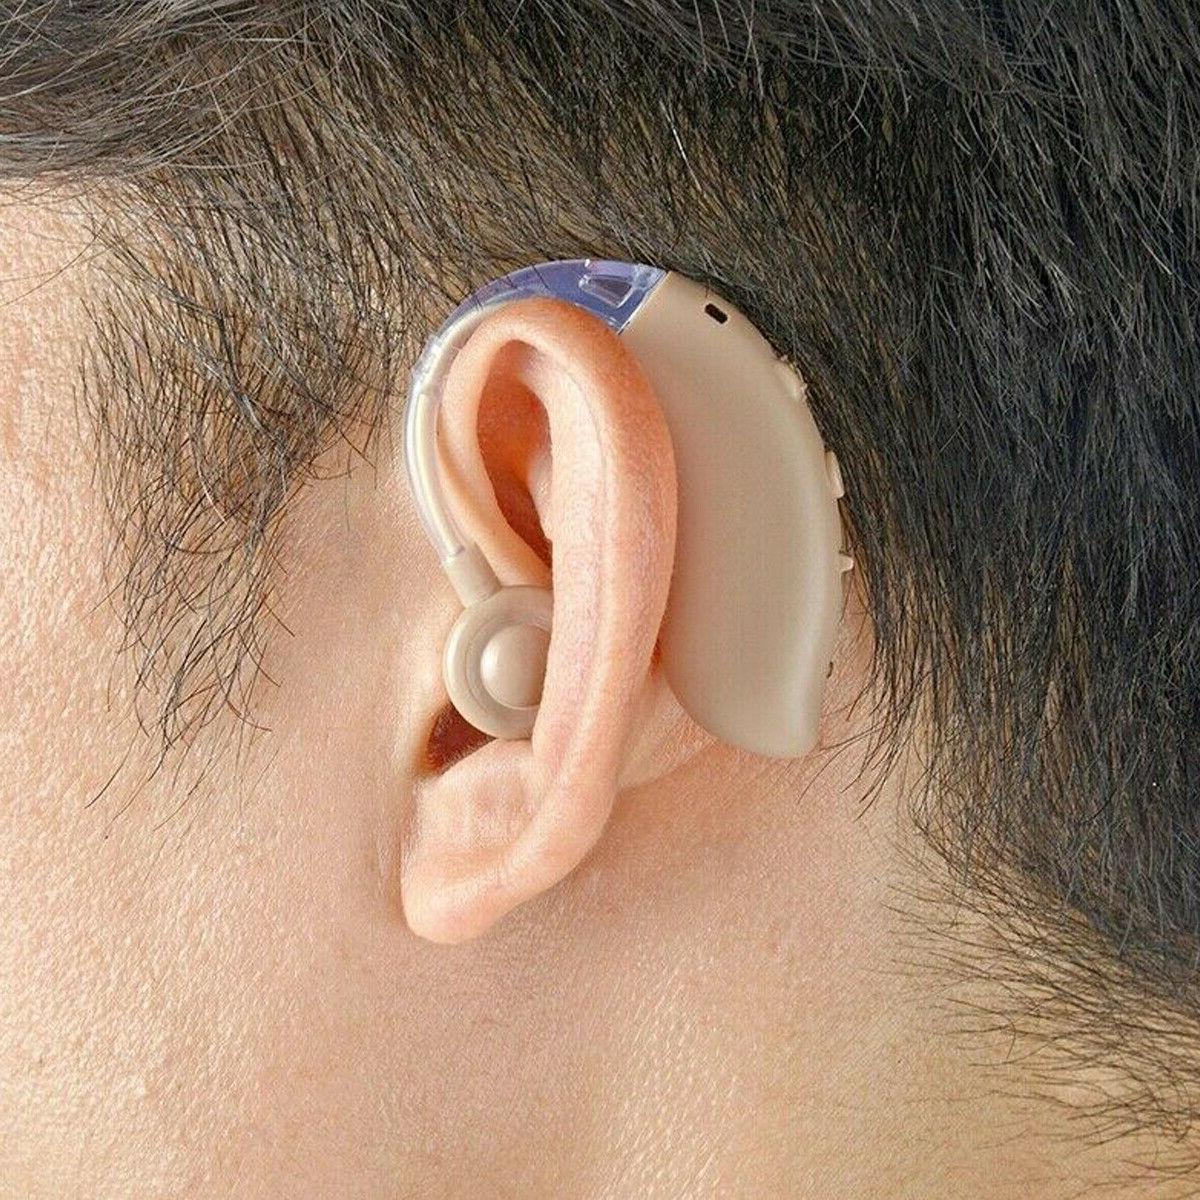 Wireless Hearing Ear Amplifier USB Rechargeable